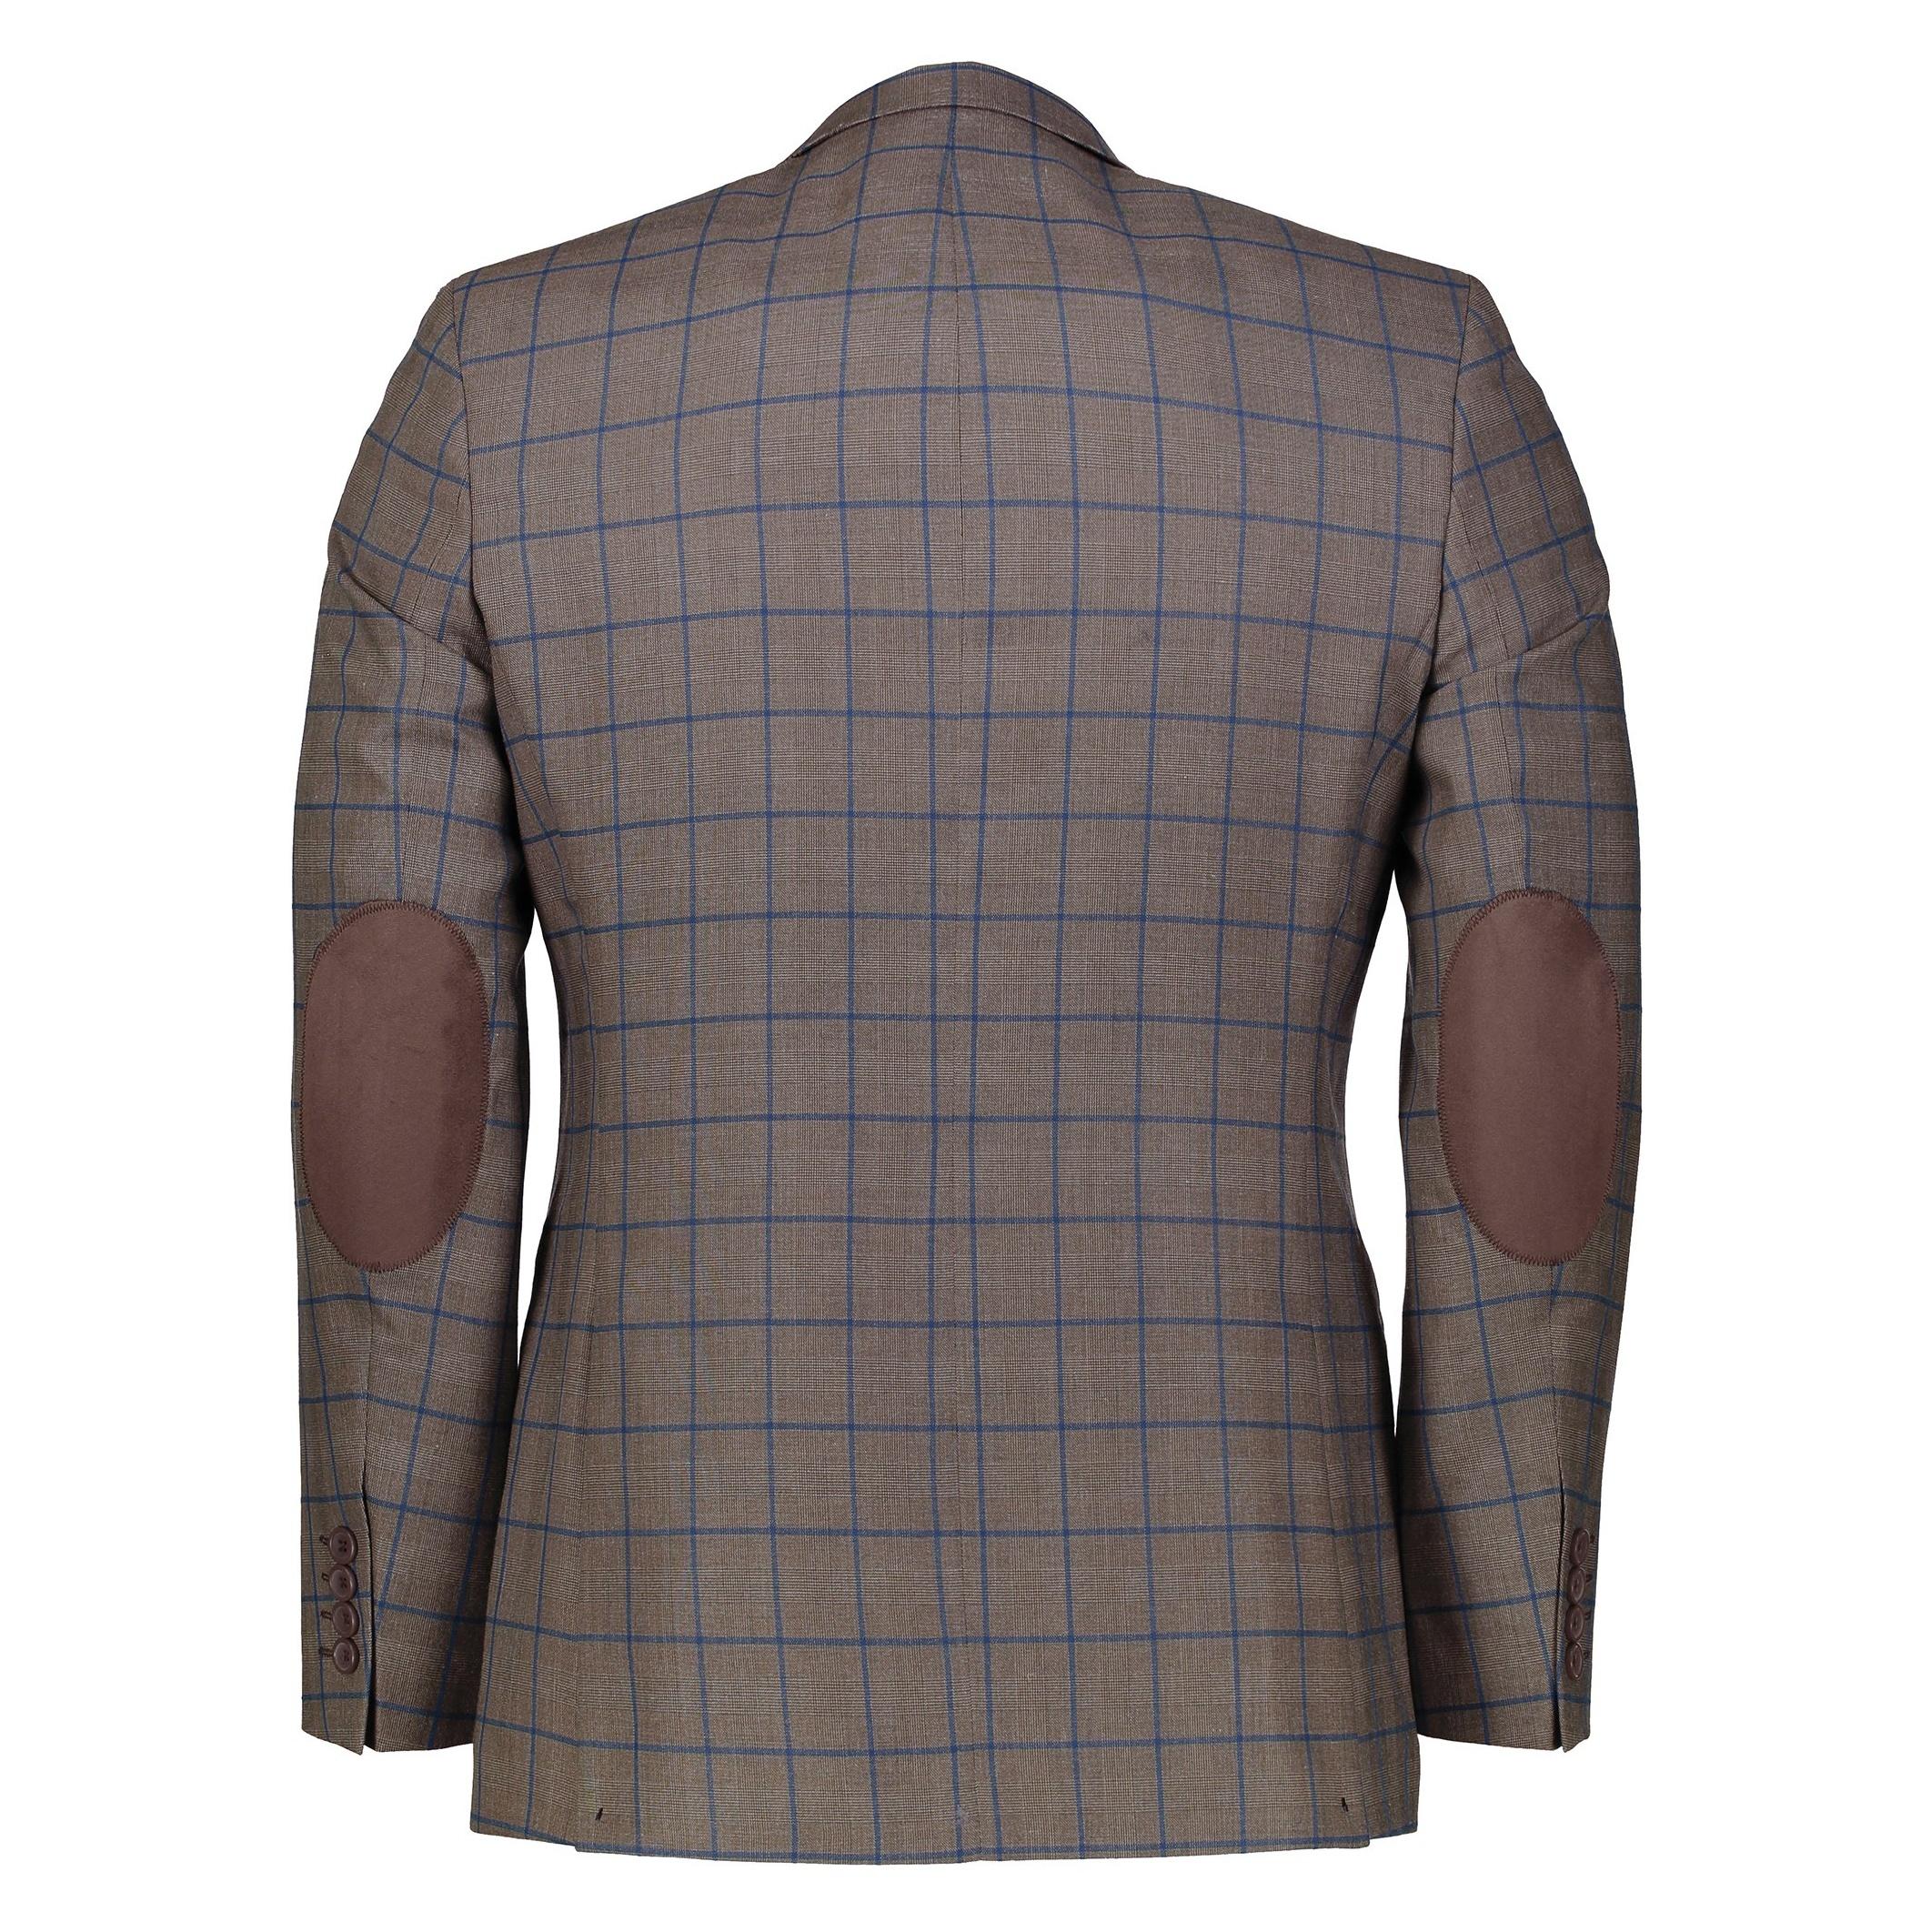 کت تک  غیر رسمی مردانه - زاگرس پوش - قهوه اي روشن - 2